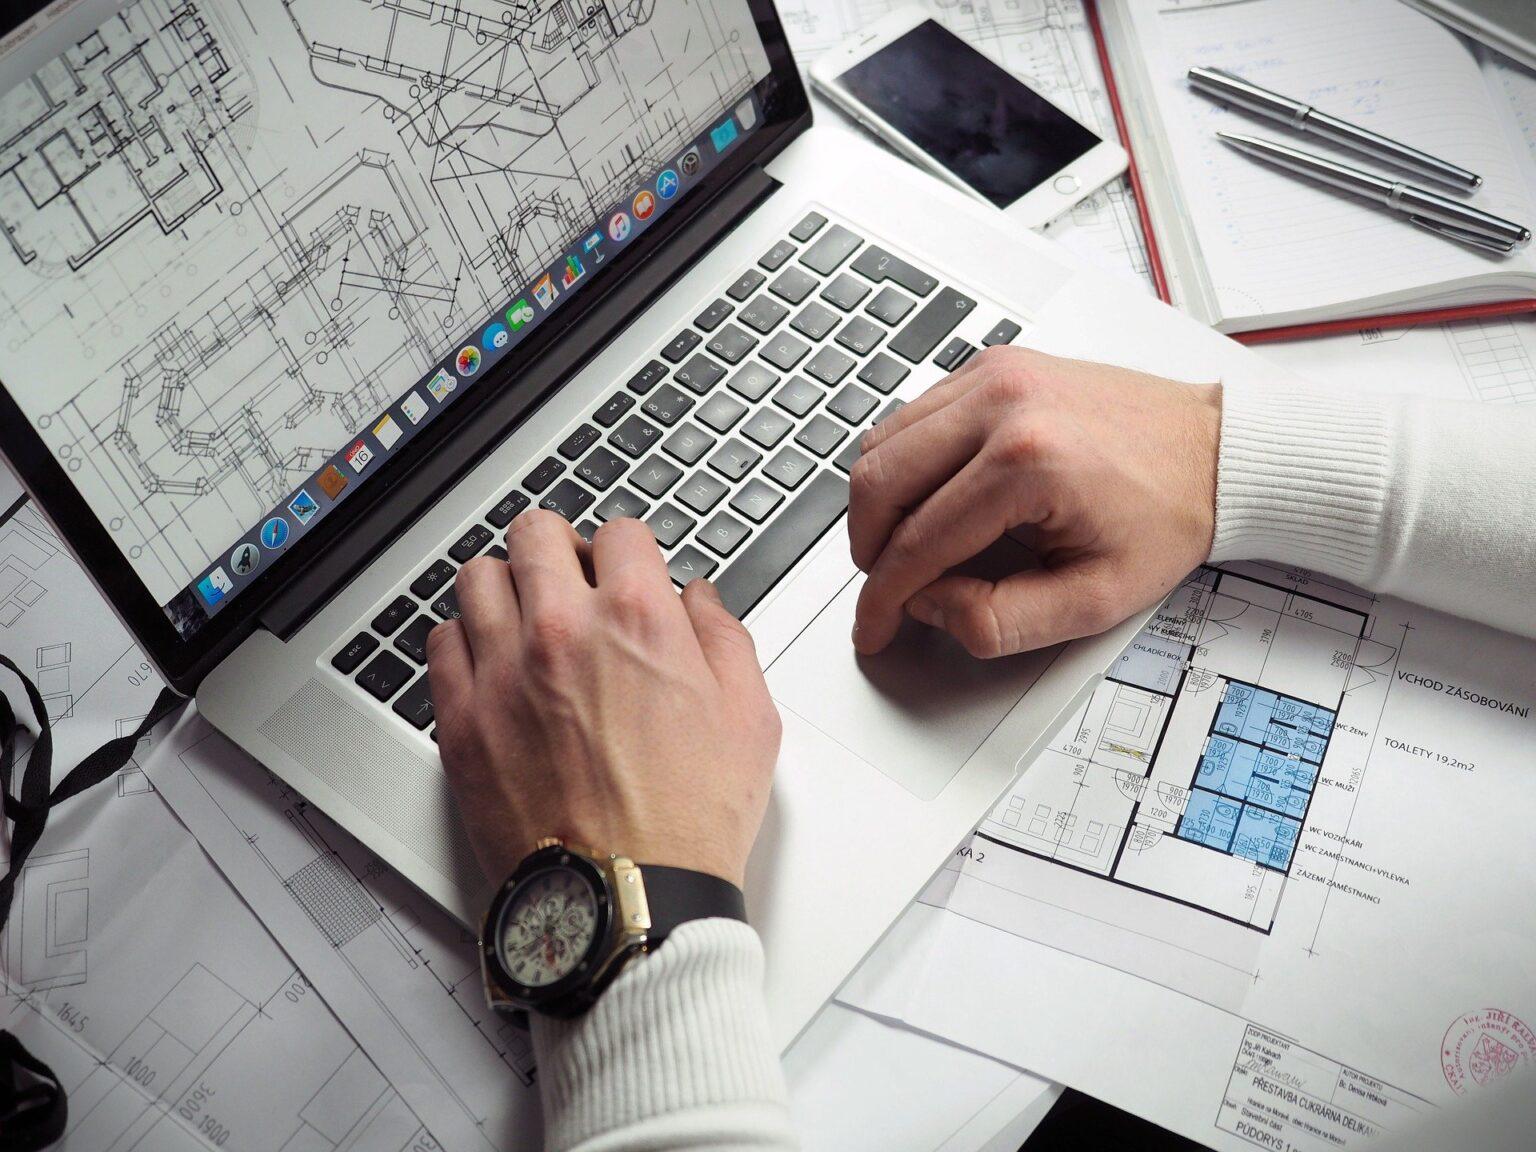 Работа для инженера-проектировщика удаленно фриланс в россии 2016